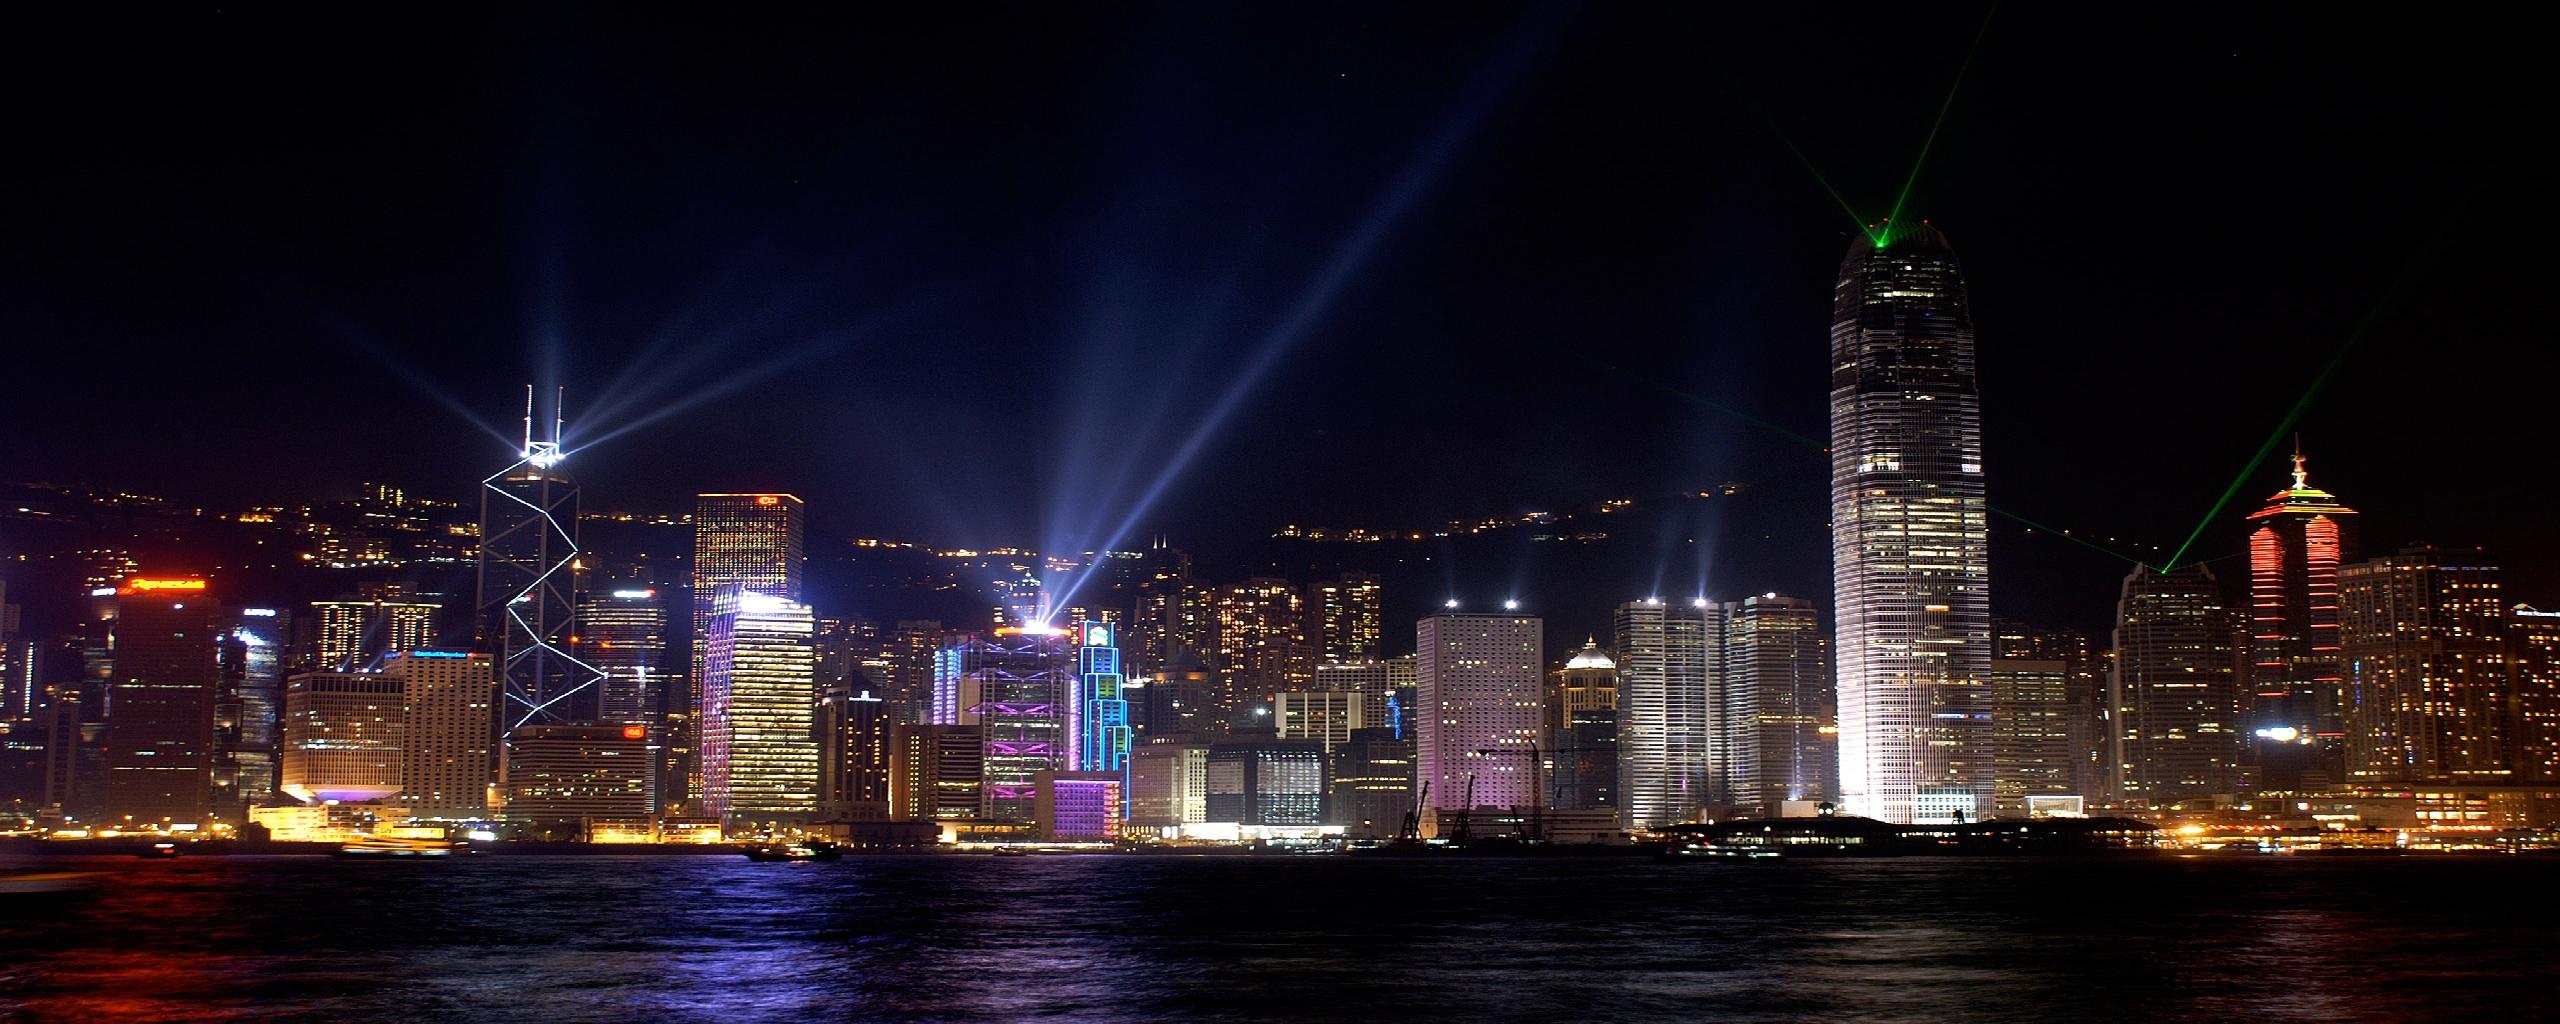 Night Cityscape Dual Screen Monitor Wallpaper 2560x1024